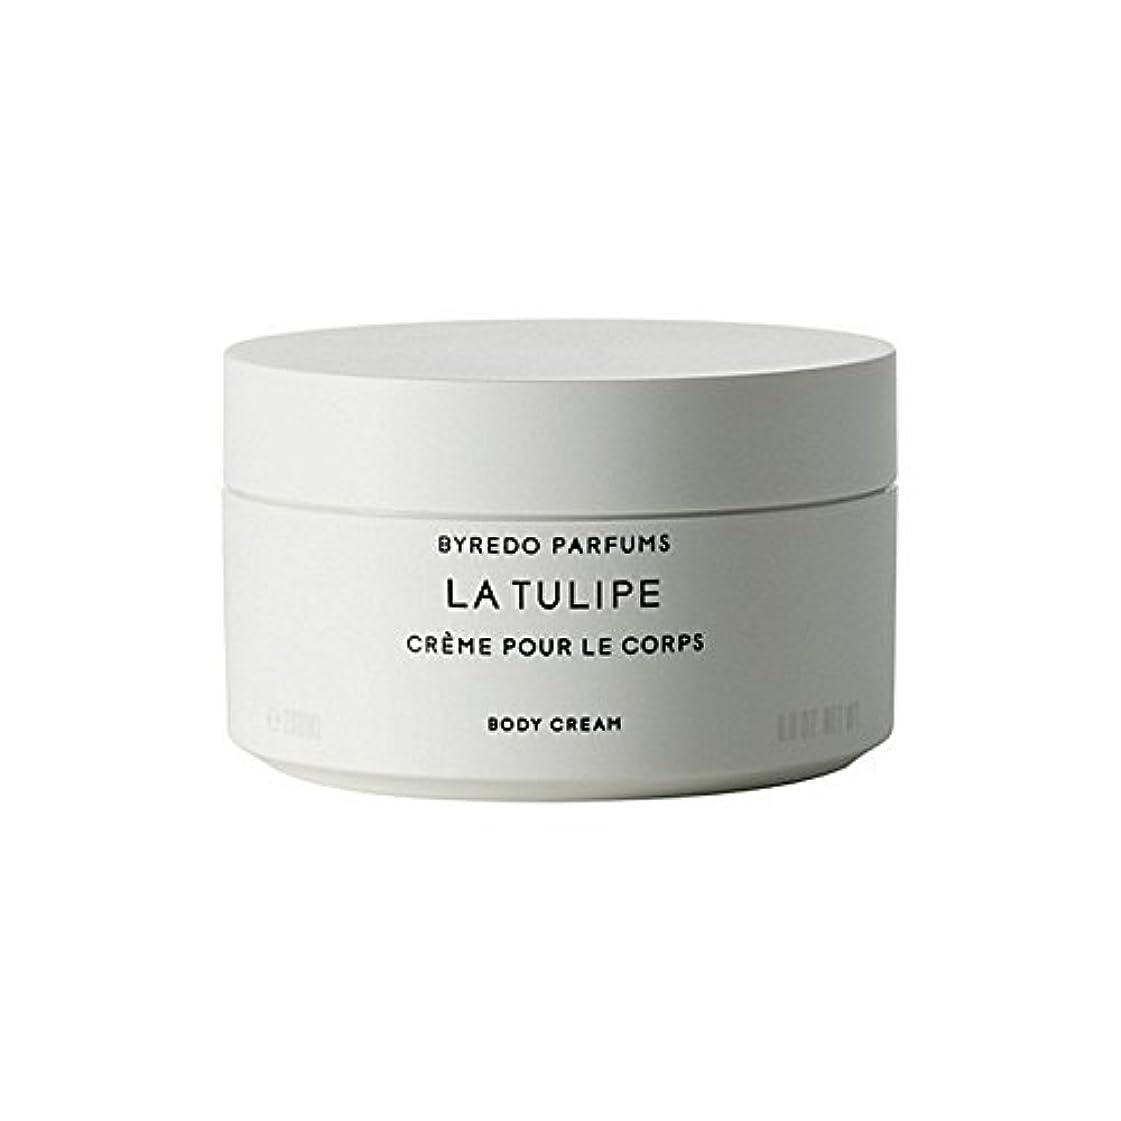 振りかけるティッシュライナーByredo La Tulipe Body Cream 200ml - ラチューリップボディクリーム200ミリリットル [並行輸入品]